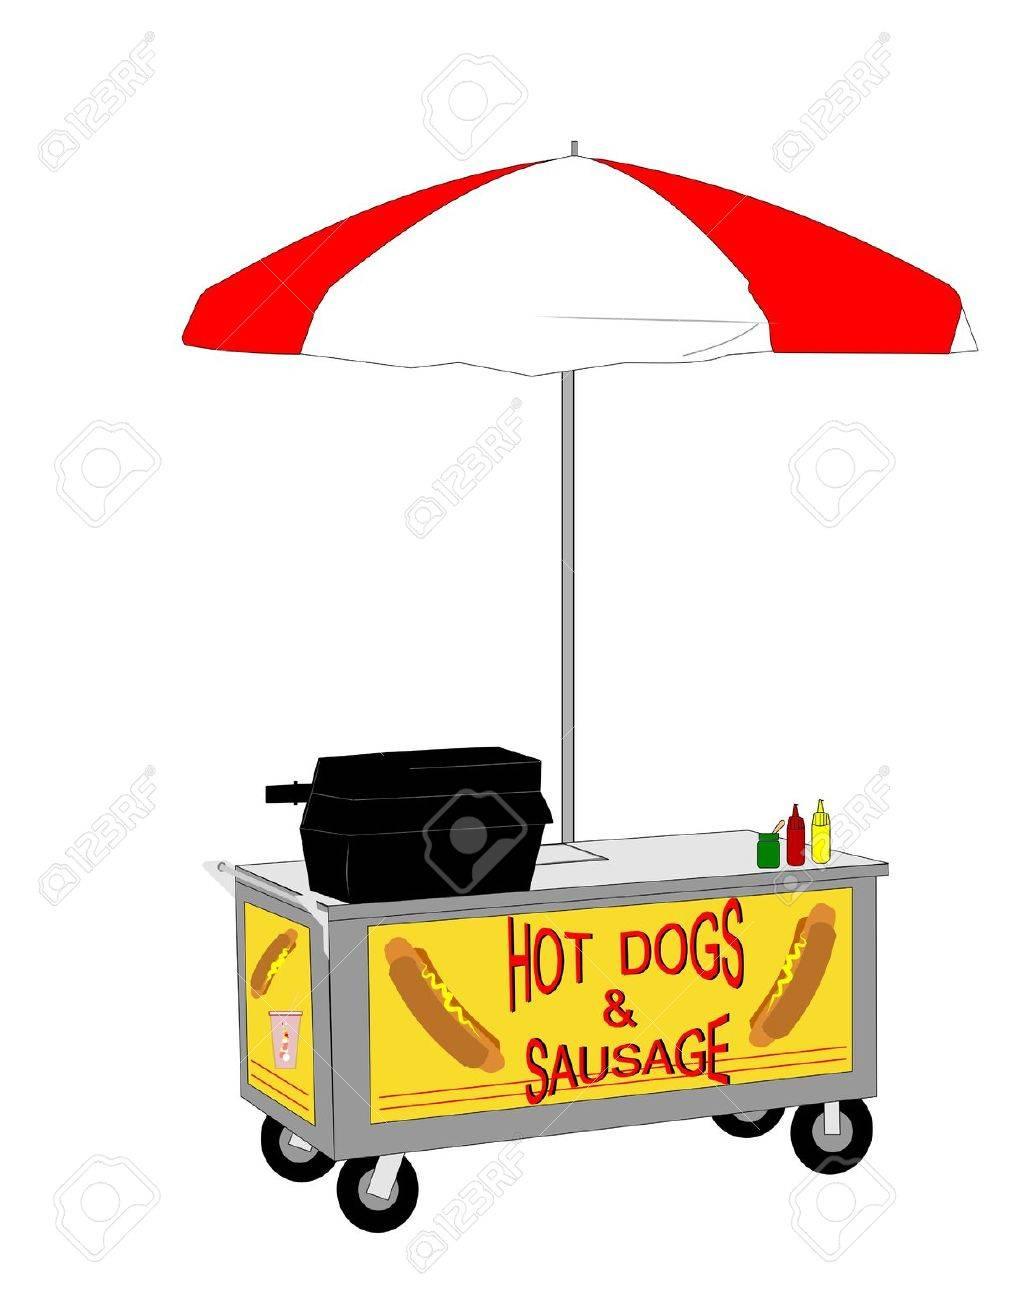 hot dog vendor cart royalty free cliparts vectors and stock rh 123rf com